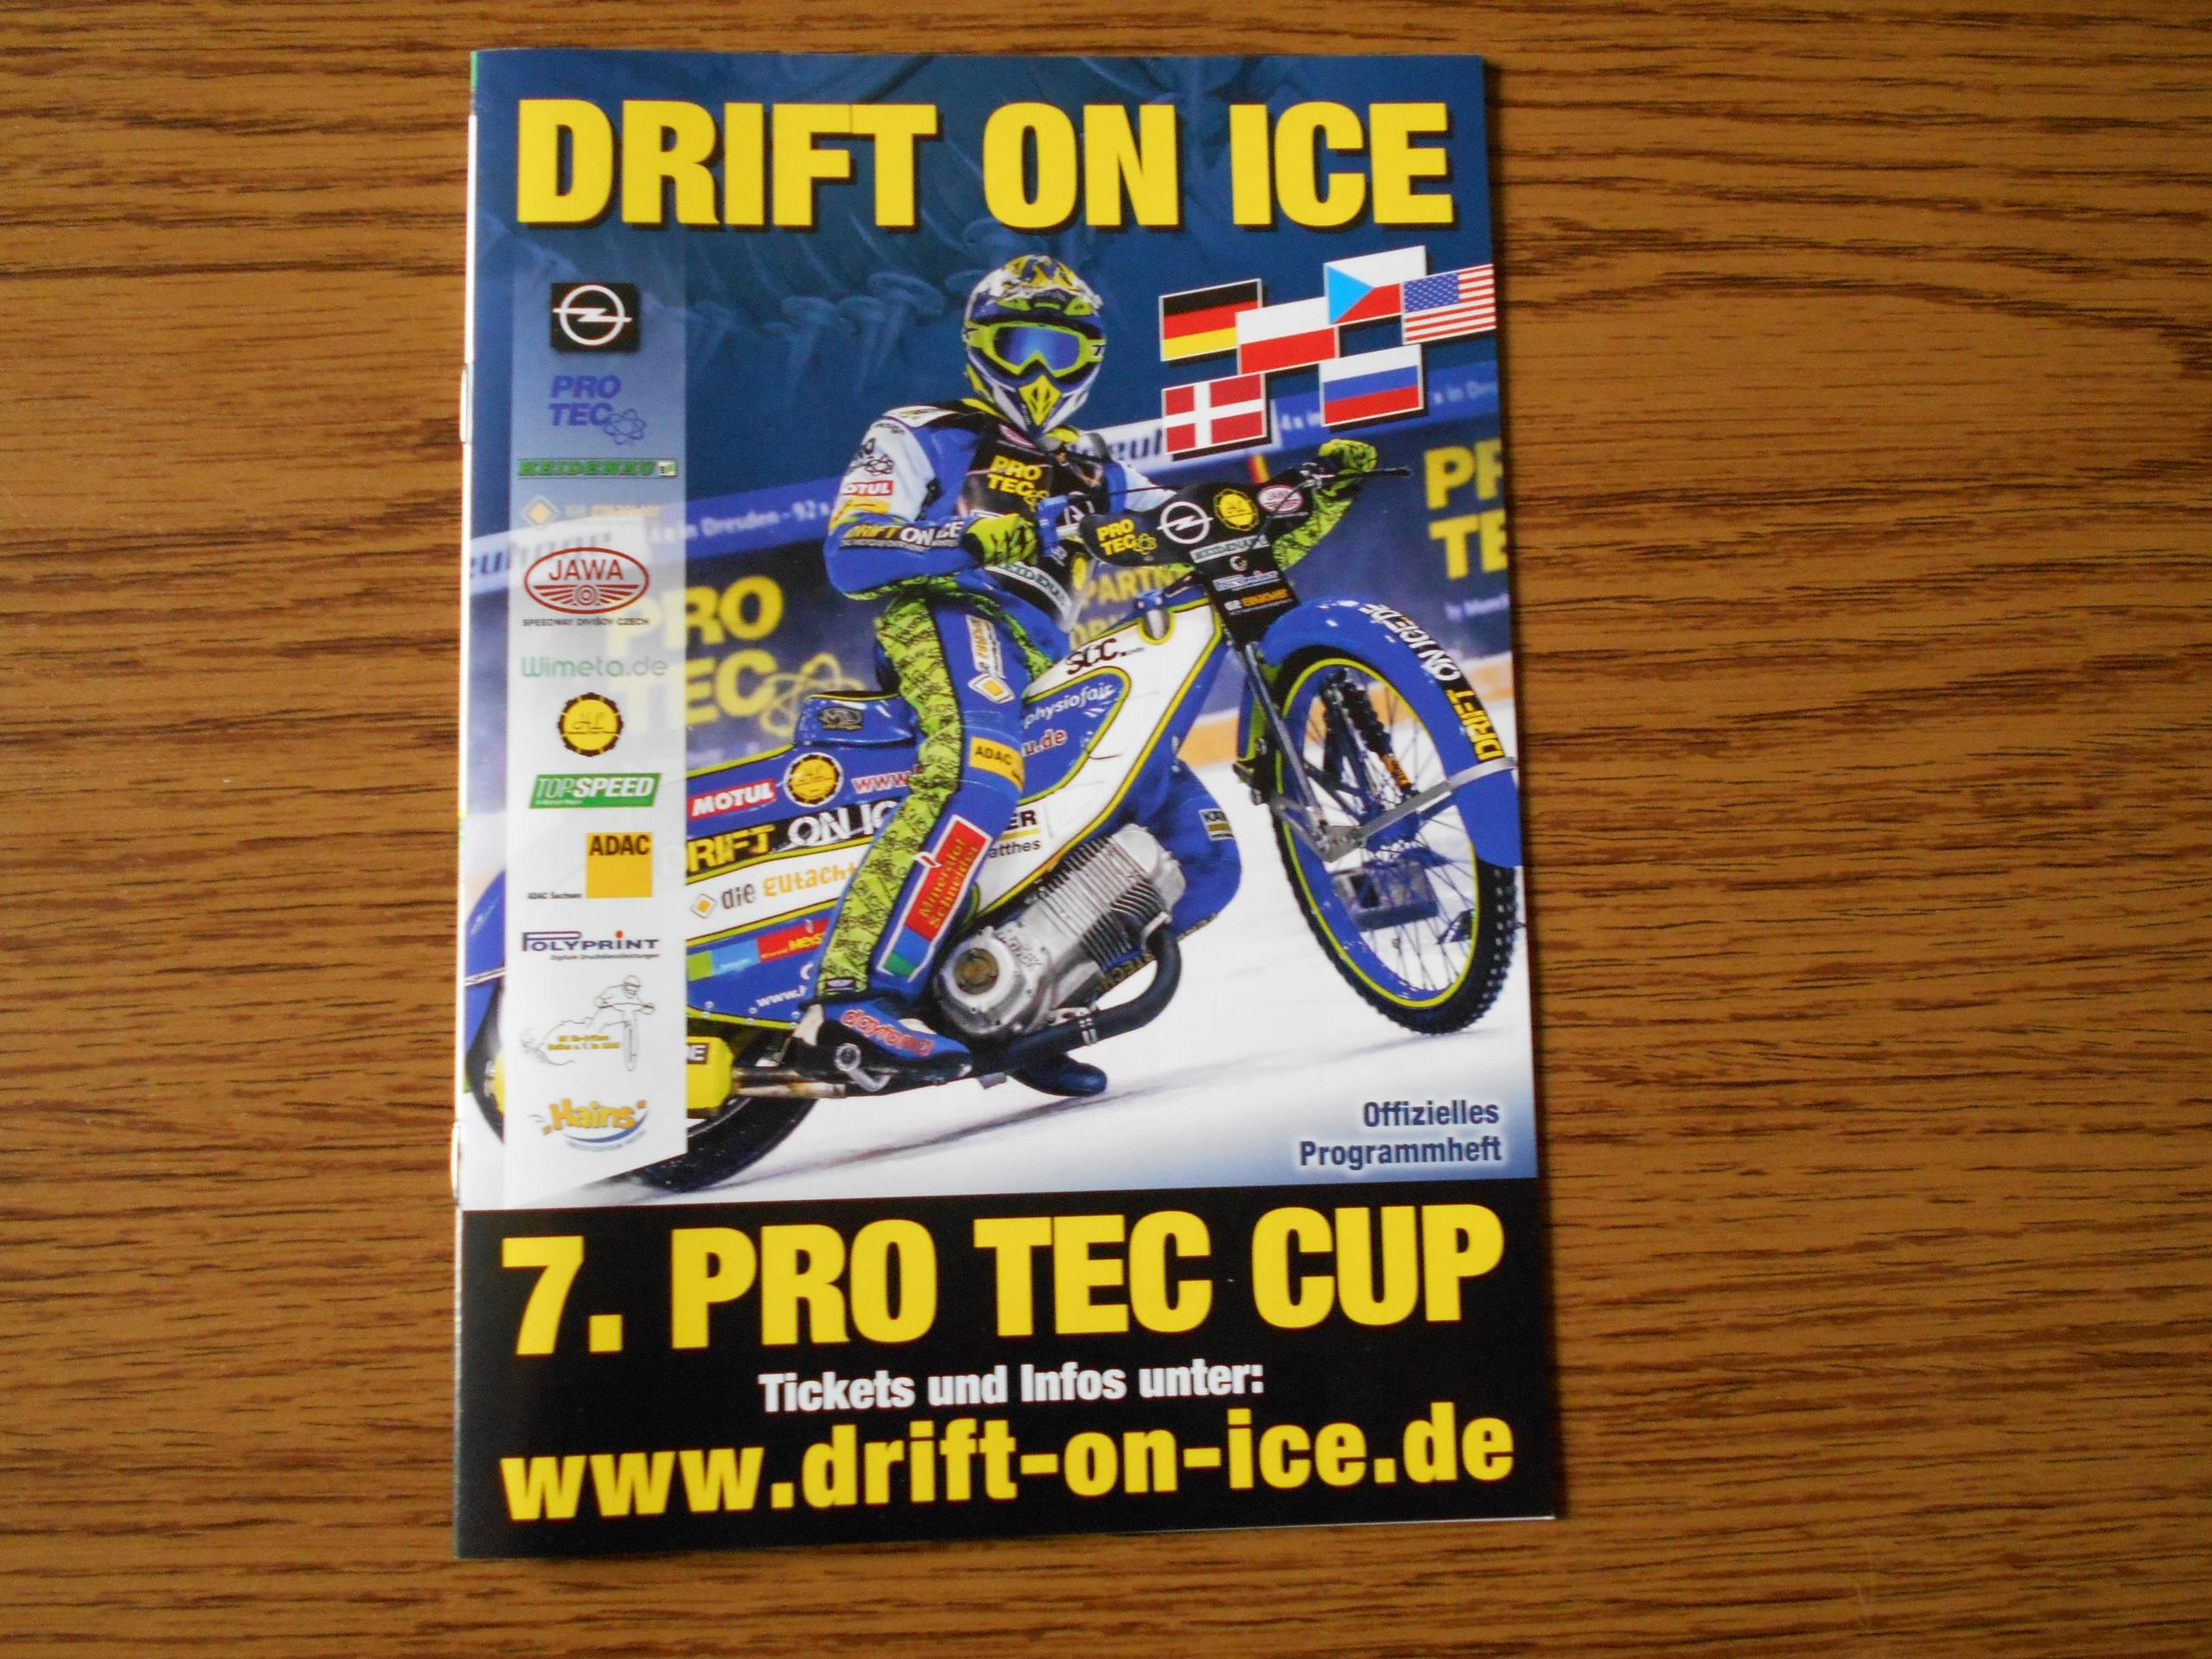 Turniej na lodzie Drift on Ice 2018